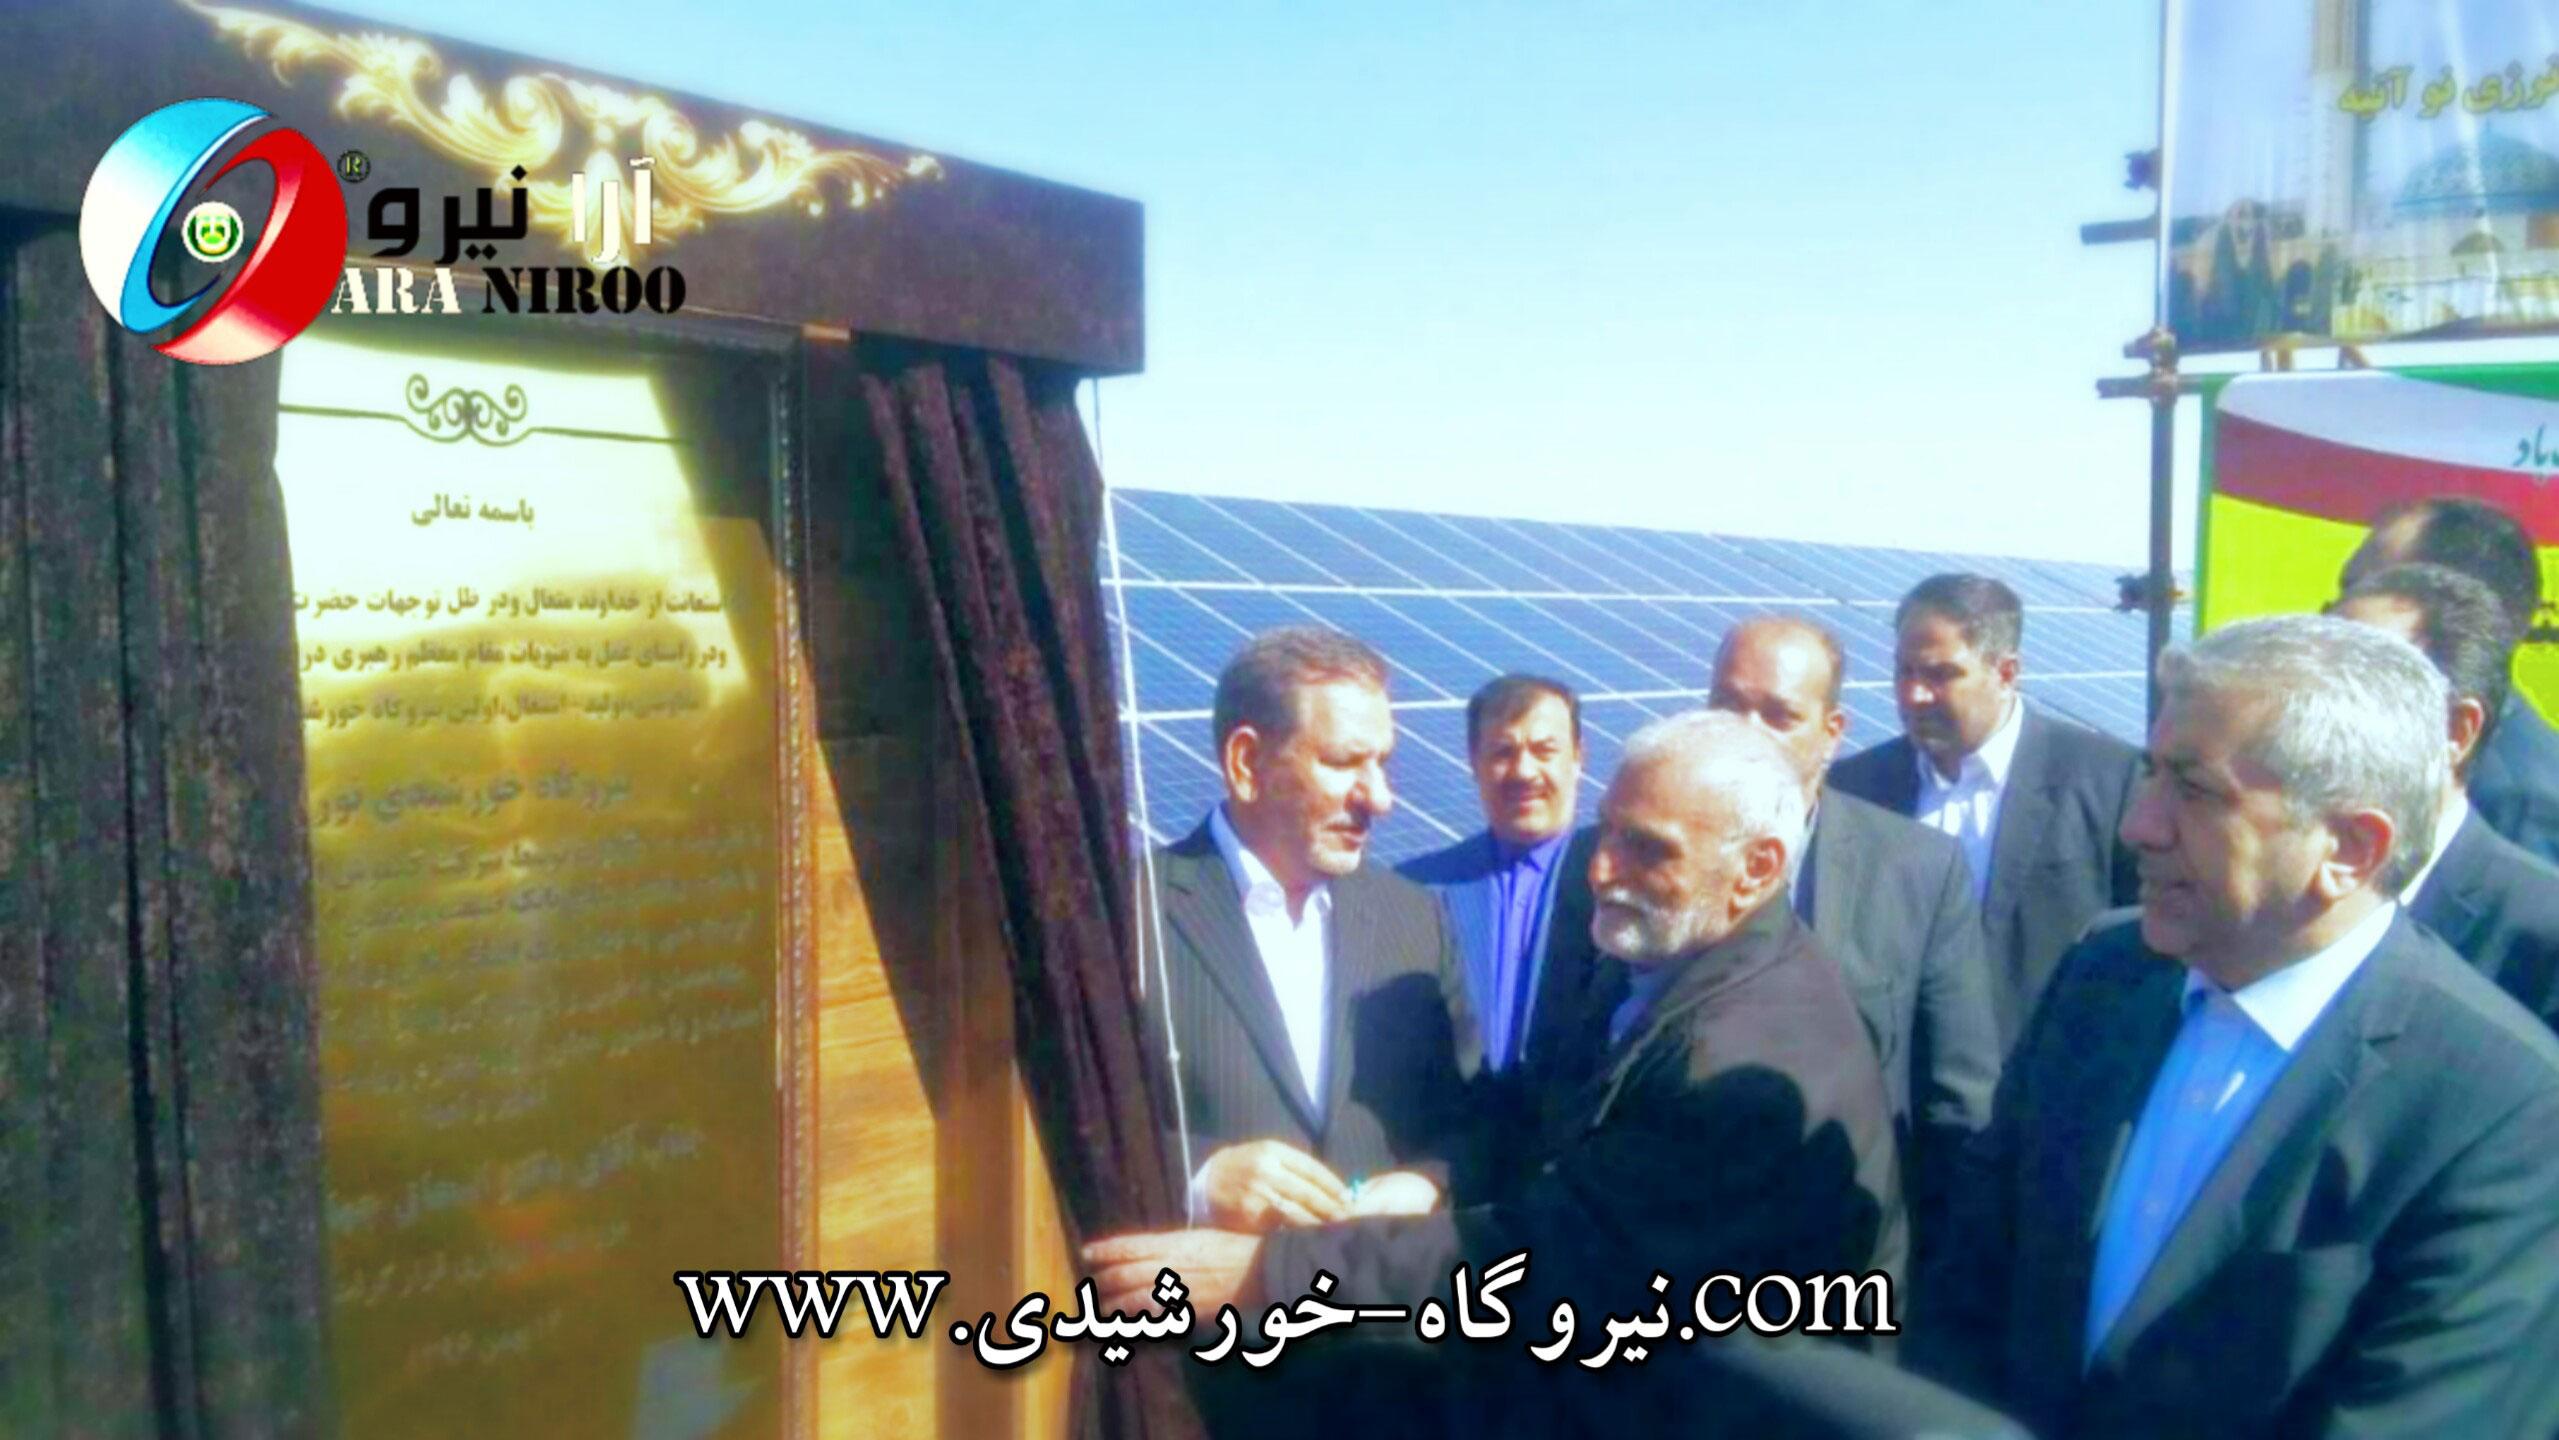 اولین-نیروگاه-خورشیدی-در-یزد